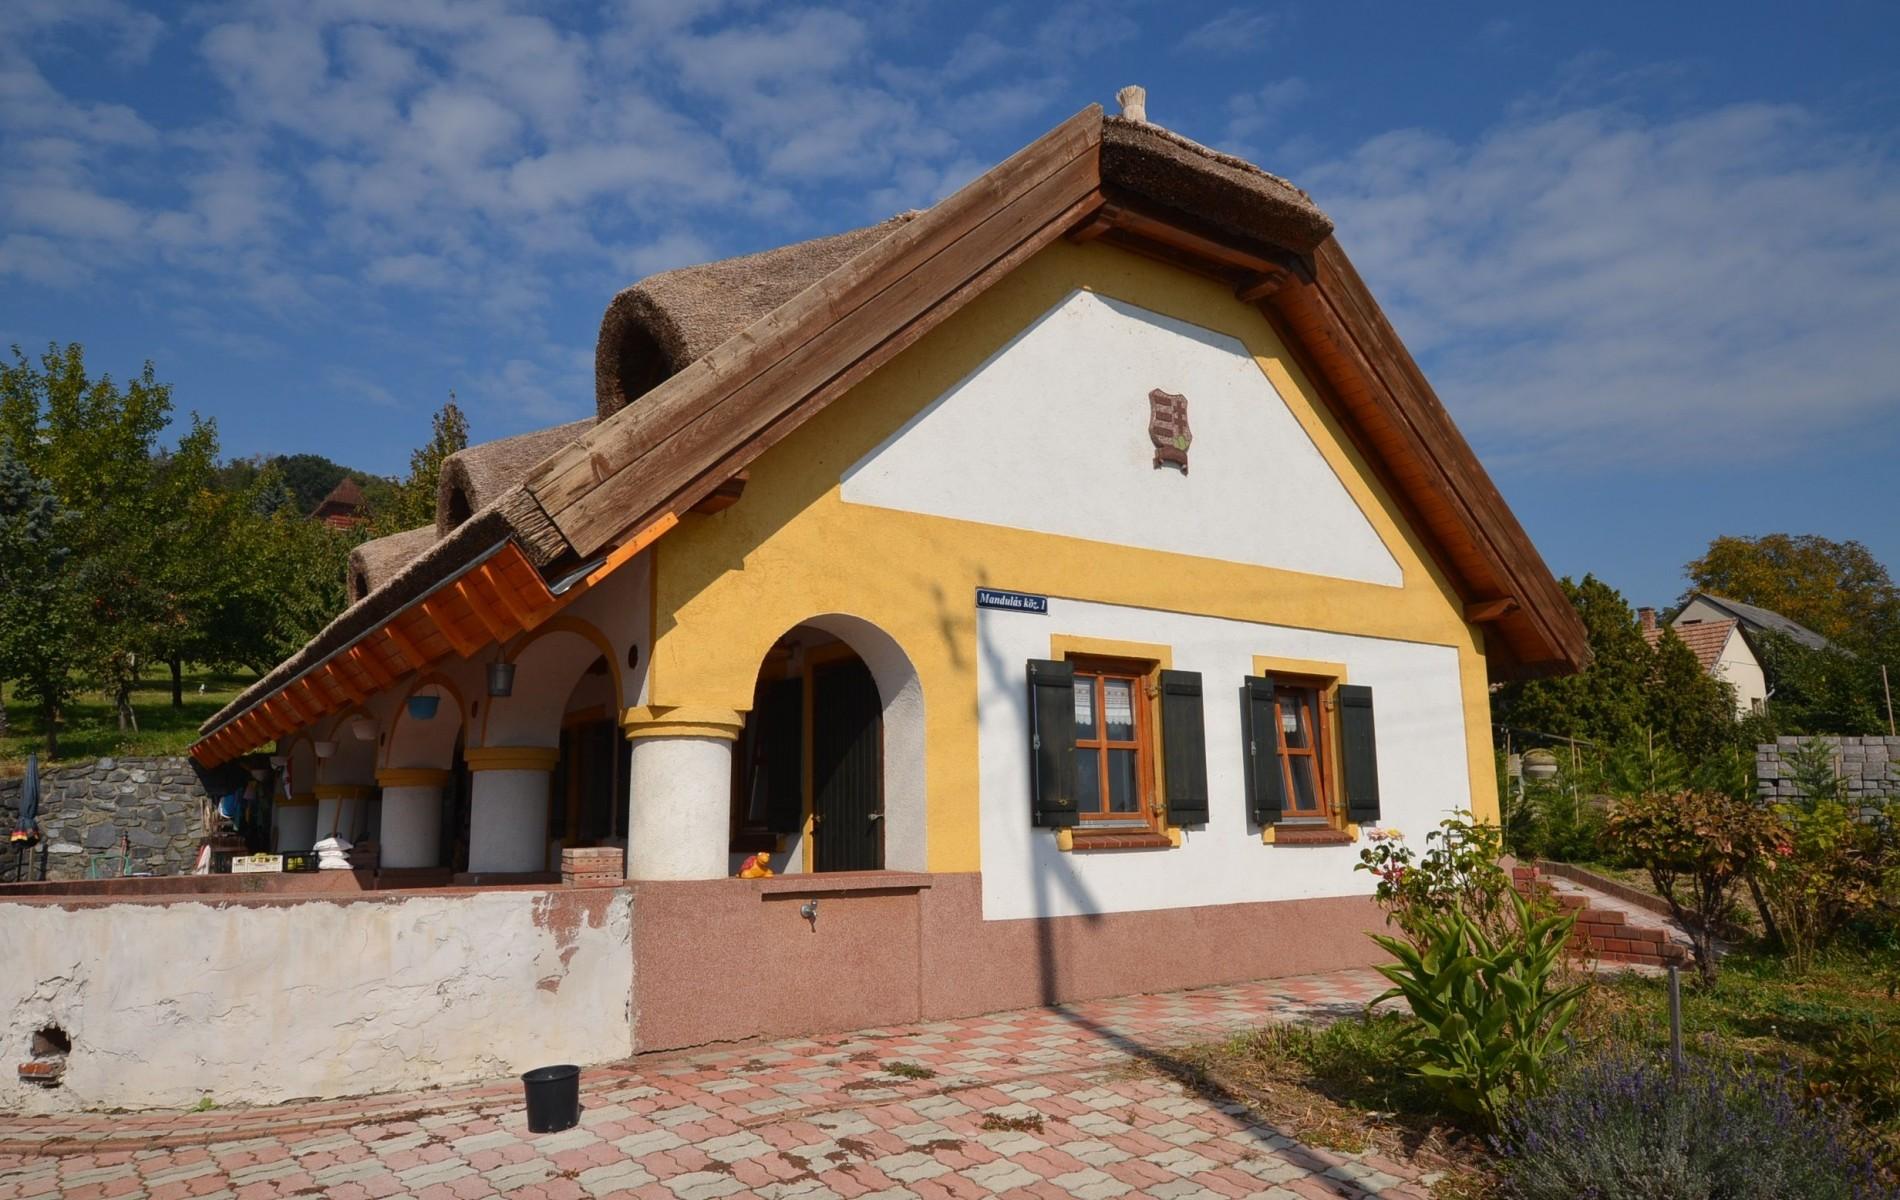 Štýlový vidiecky dom Balatongyorok - Keszthely - DSC_7552